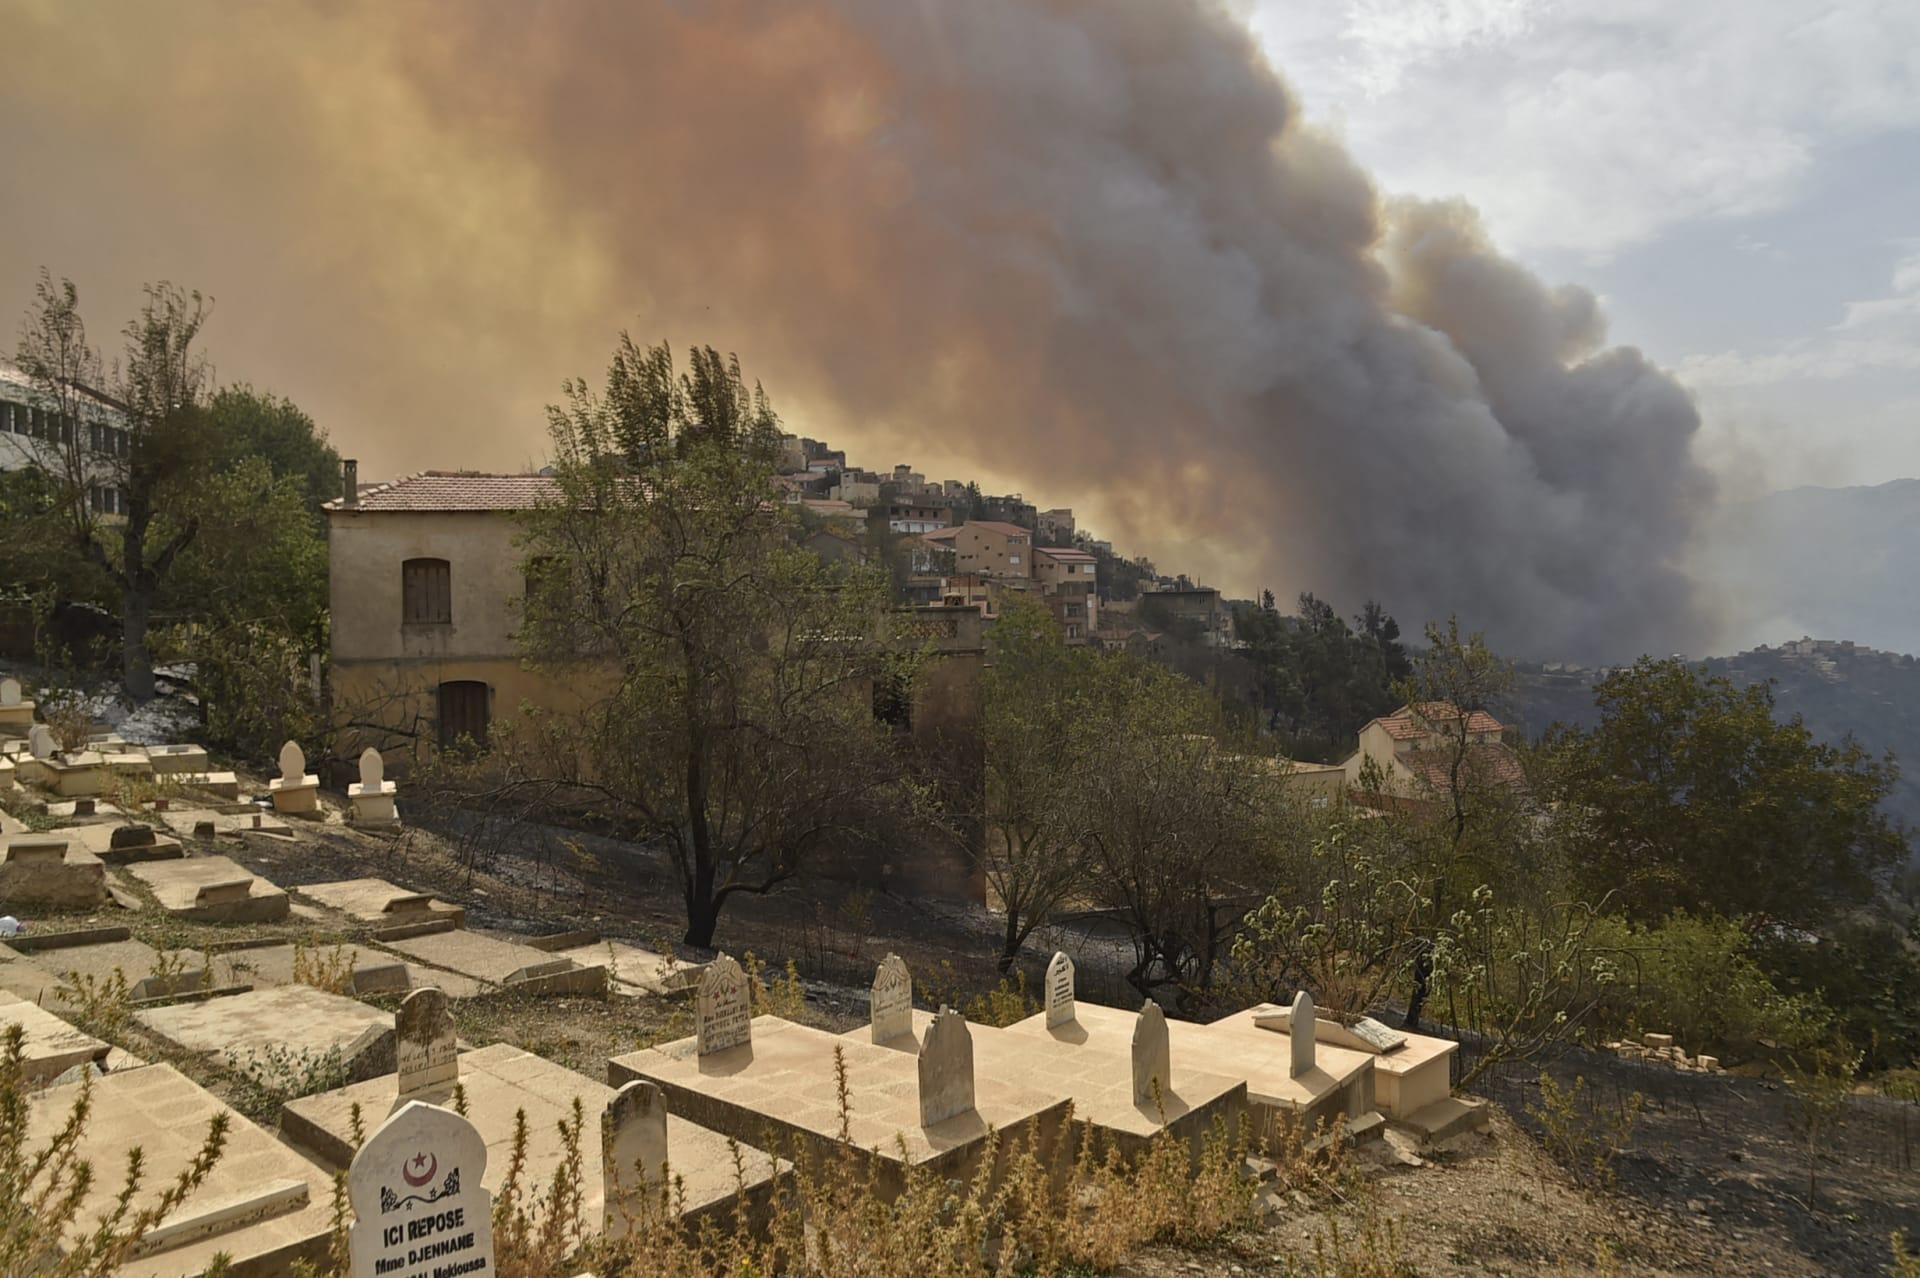 مقتل 25 فردًا من الجيش الجزائري خلال مواجهة حرائق الغابات